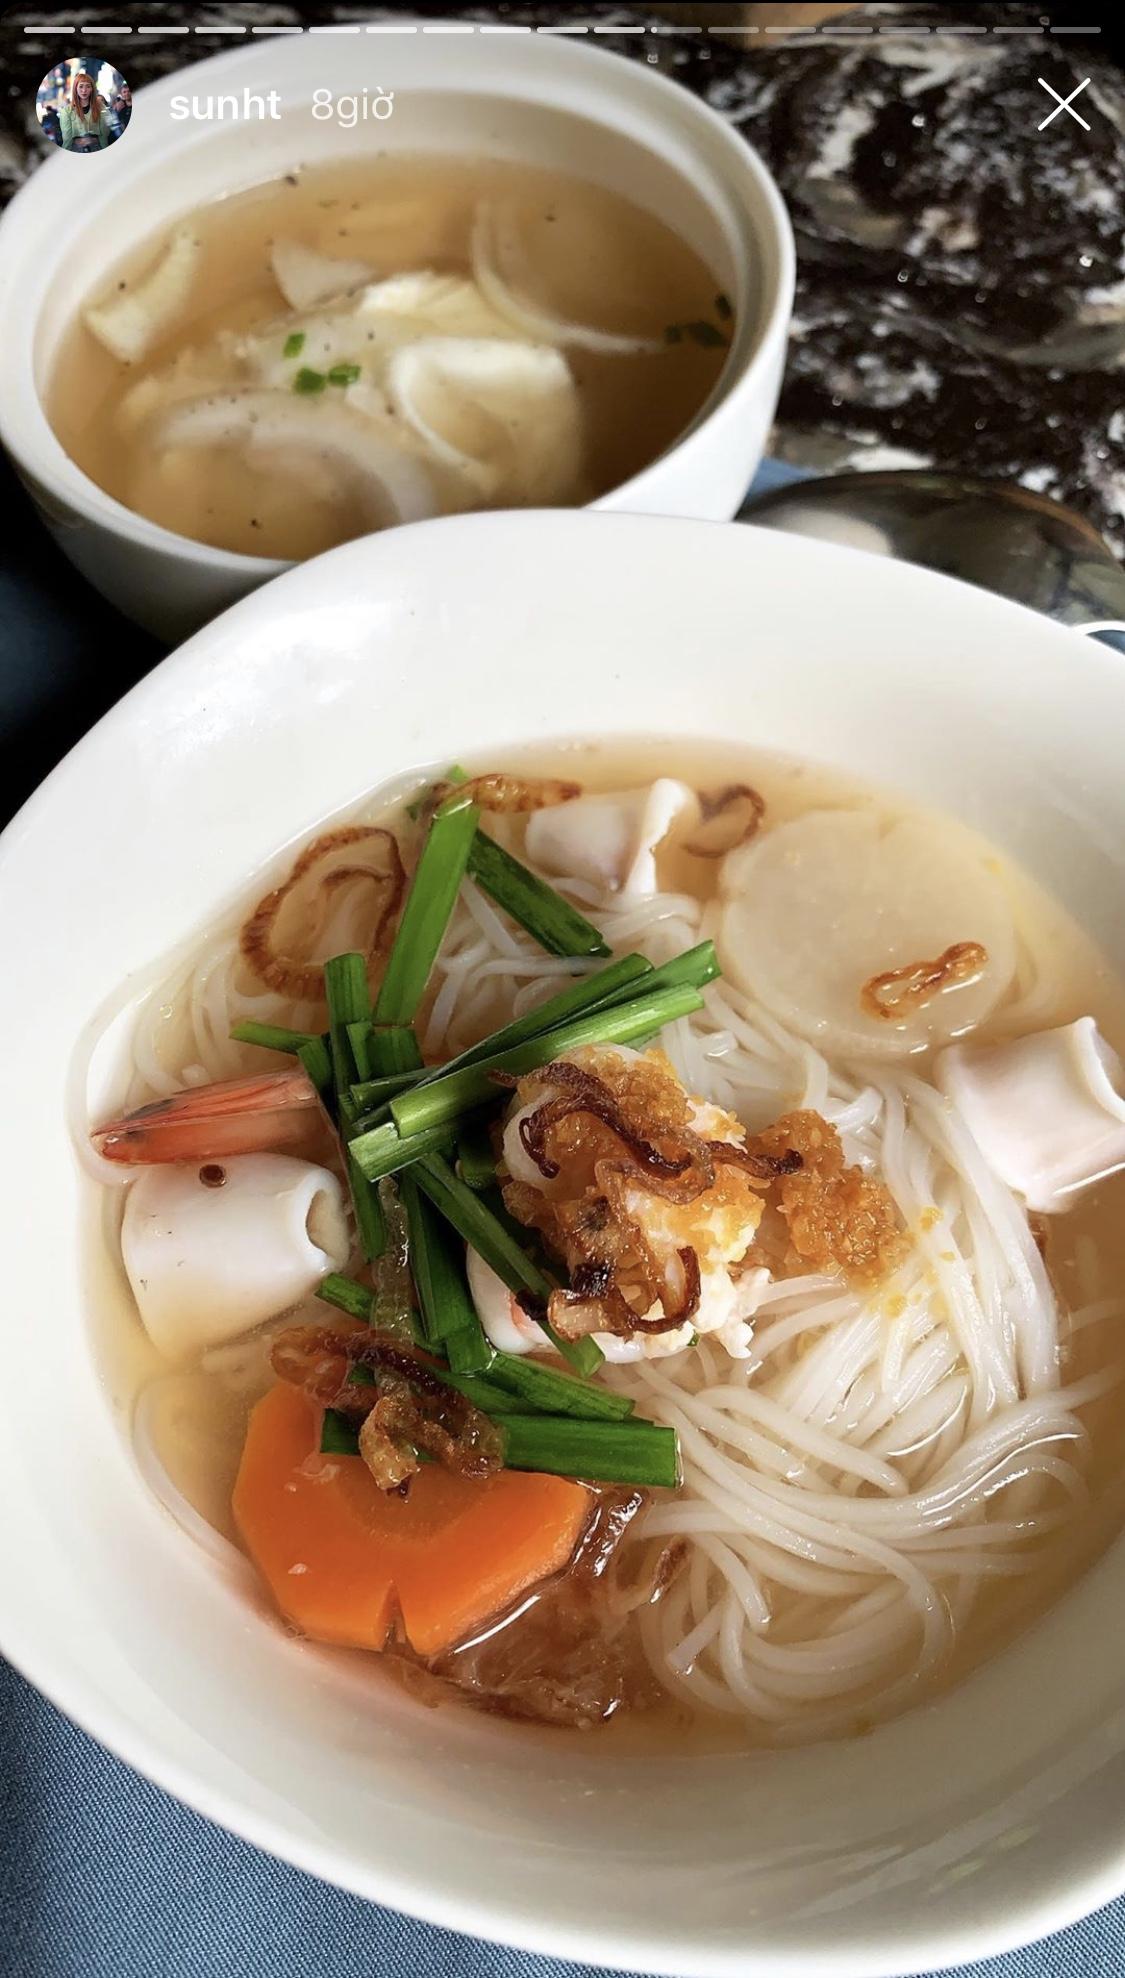 Ô! Chi Pu với hội bạn thân Quỳnh Anh Shyn - Phở - Sun HT du lịch Côn Đảo 3 ngày mà toàn thấy... ăn với ăn, đến khi về vẫn còn hẹn nhau làm bữa nữa - Ảnh 12.